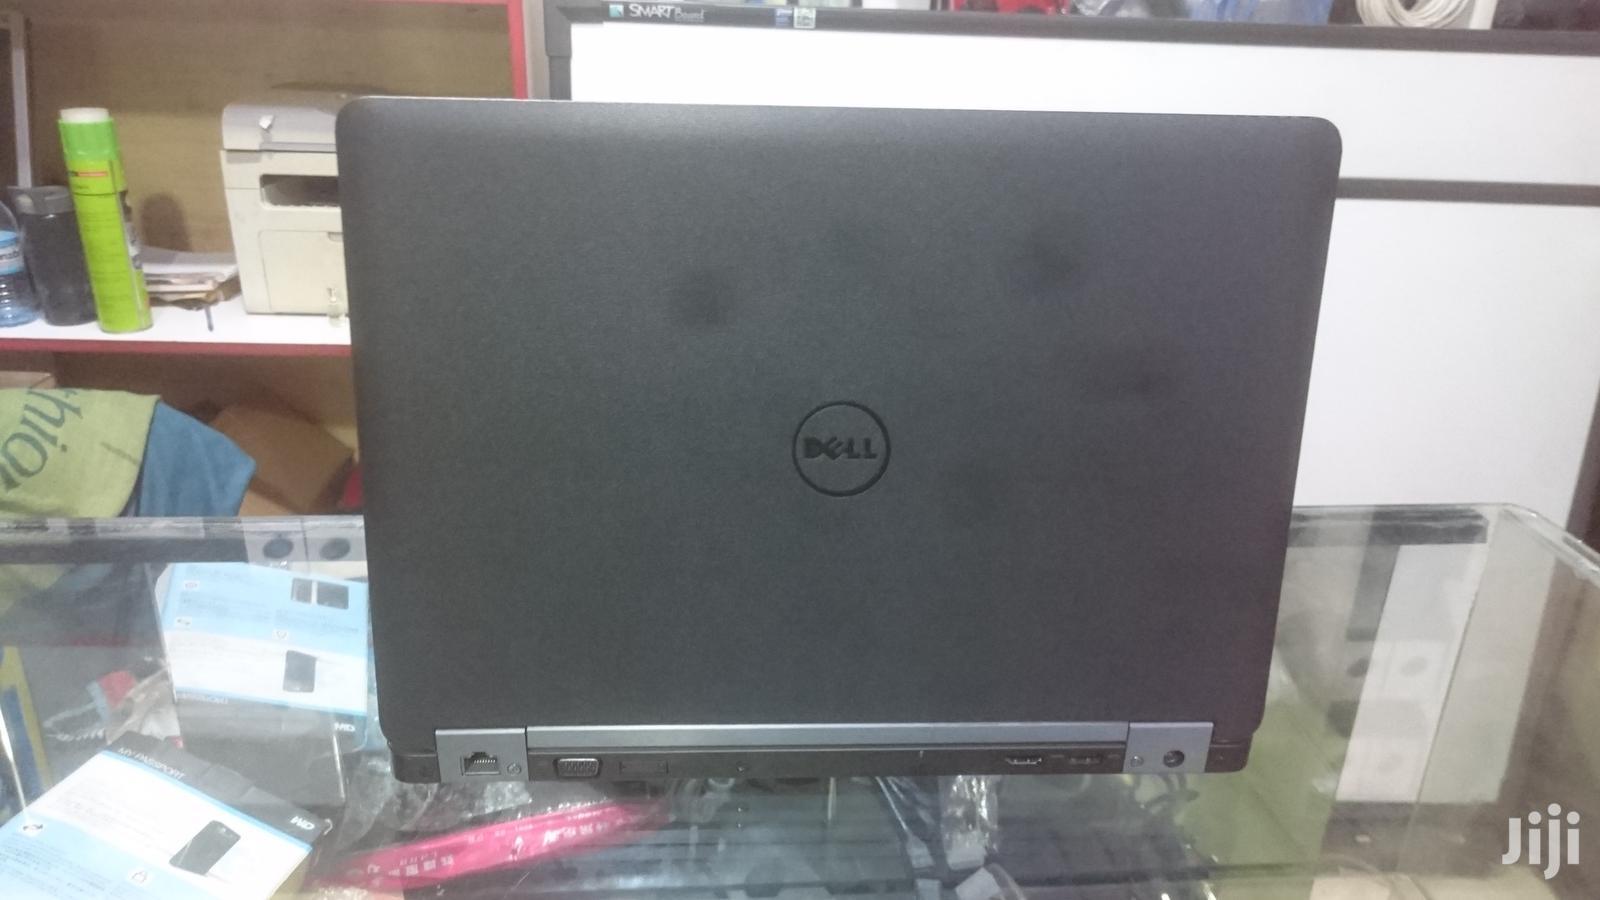 Laptop Dell Latitude 14 E5470 8GB Intel Core I7 SSD 256GB | Laptops & Computers for sale in Kampala, Central Region, Uganda